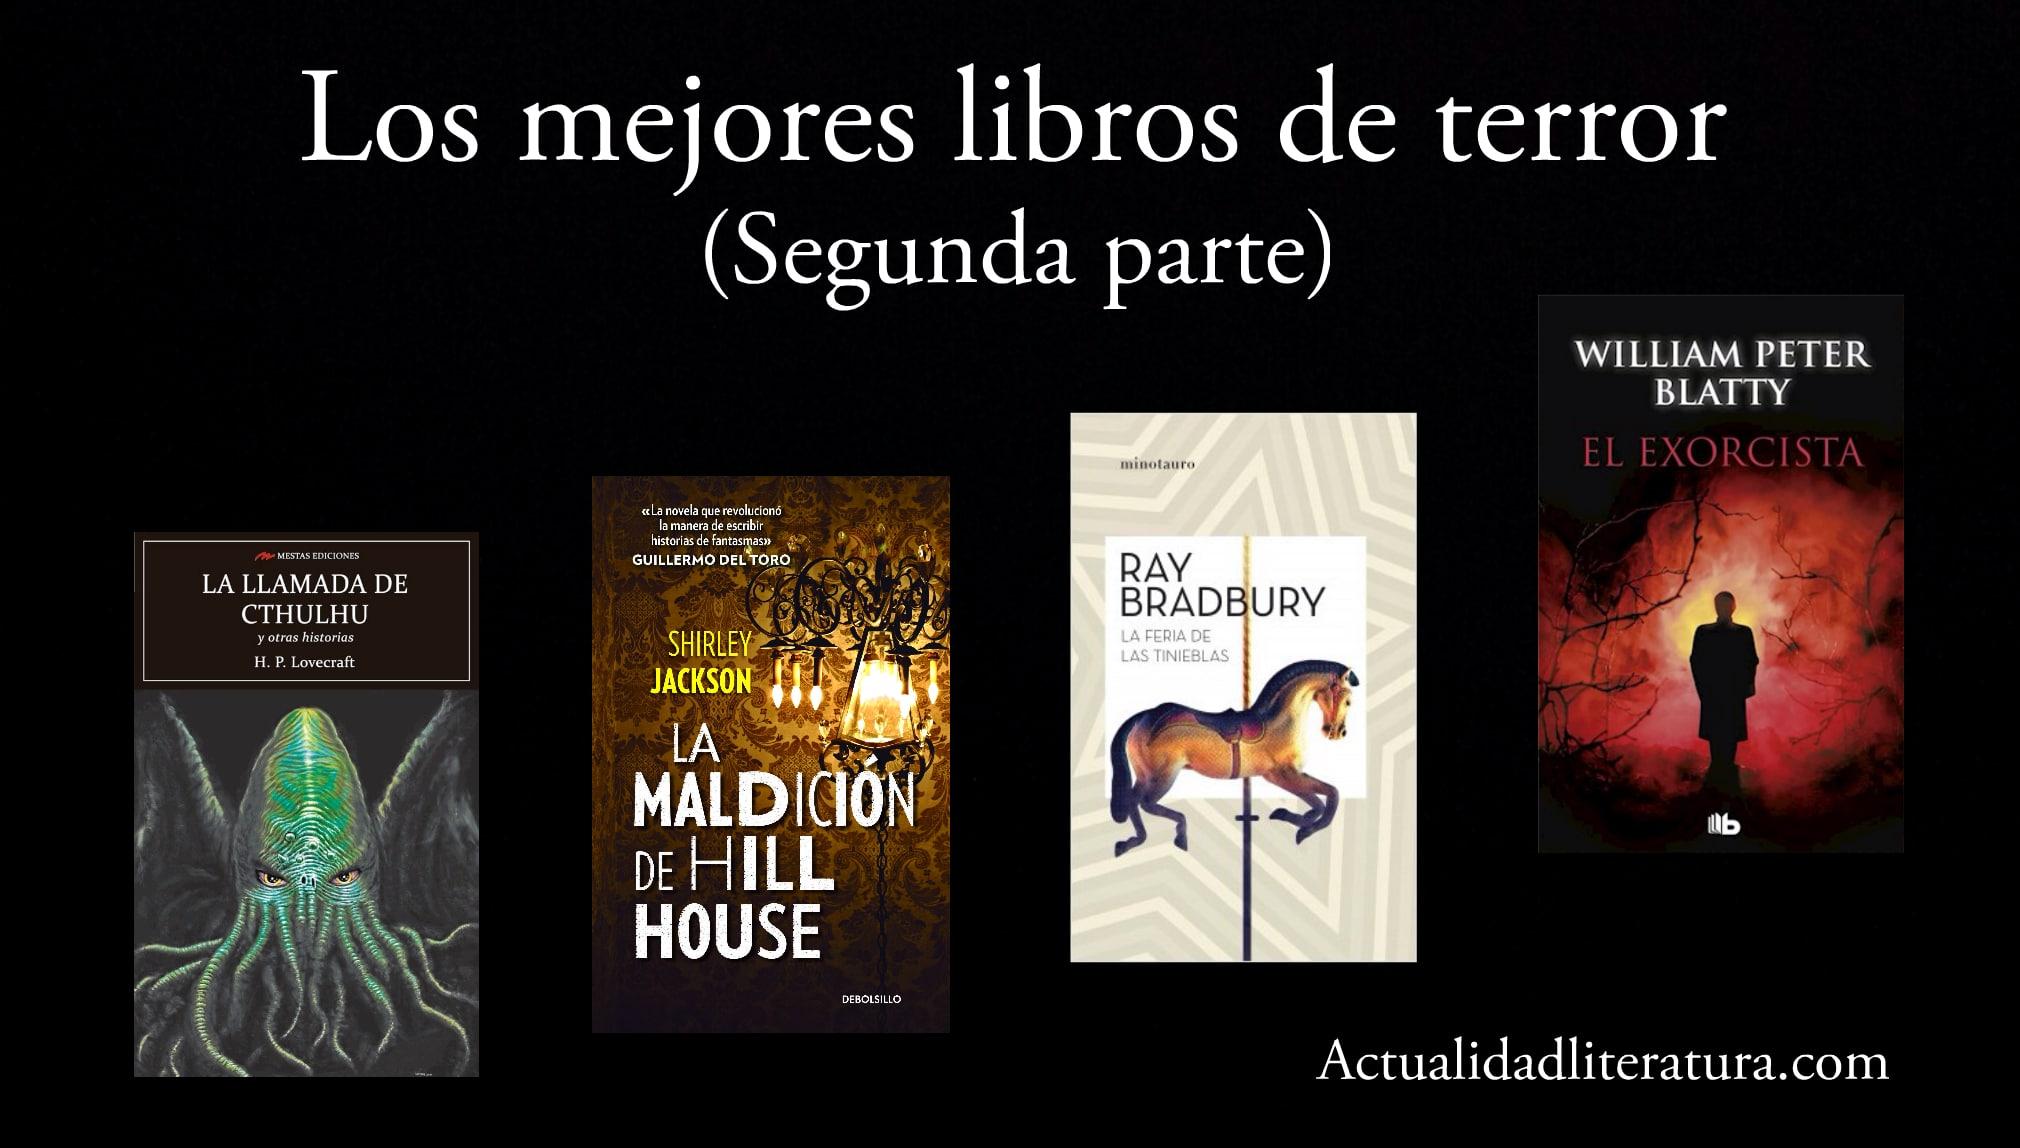 Los mejores libros de terror (segunda parte).